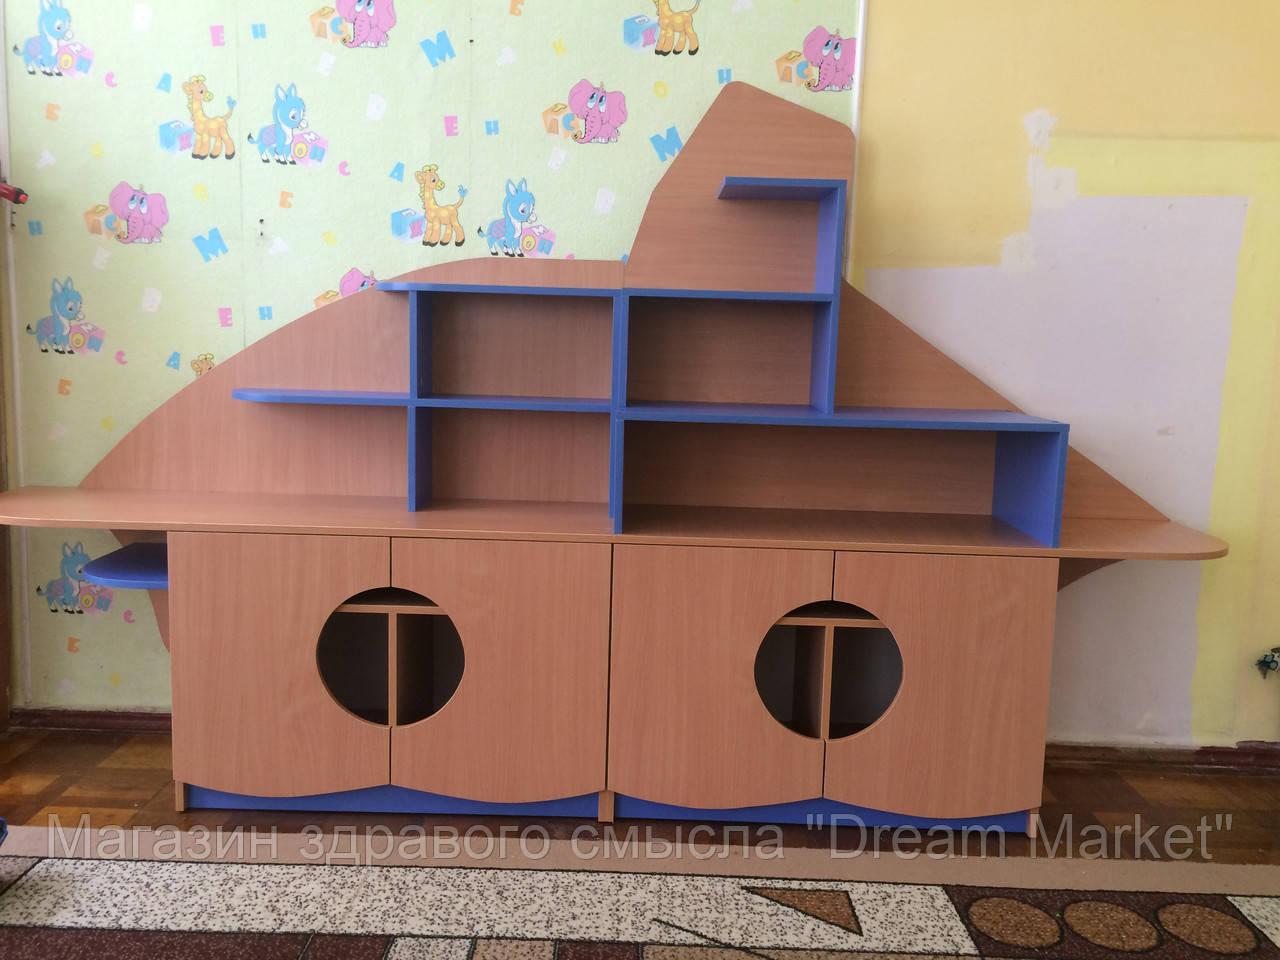 Игровая Стенка Парусник для детсадов с открытыми полками и ящиками с иллюминаторами для игрушек 240х43х160 см